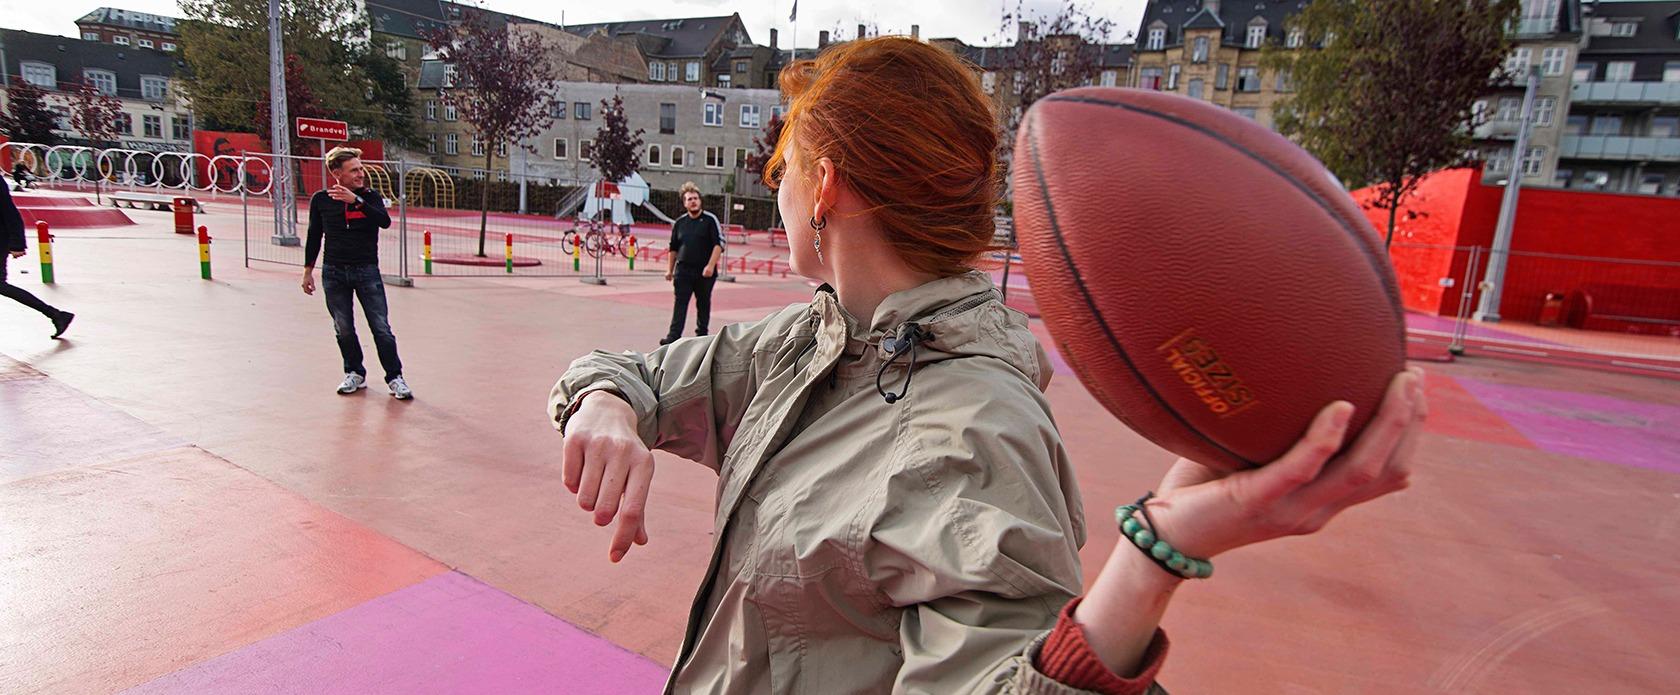 Unge spiller bold i Nørrebro parken